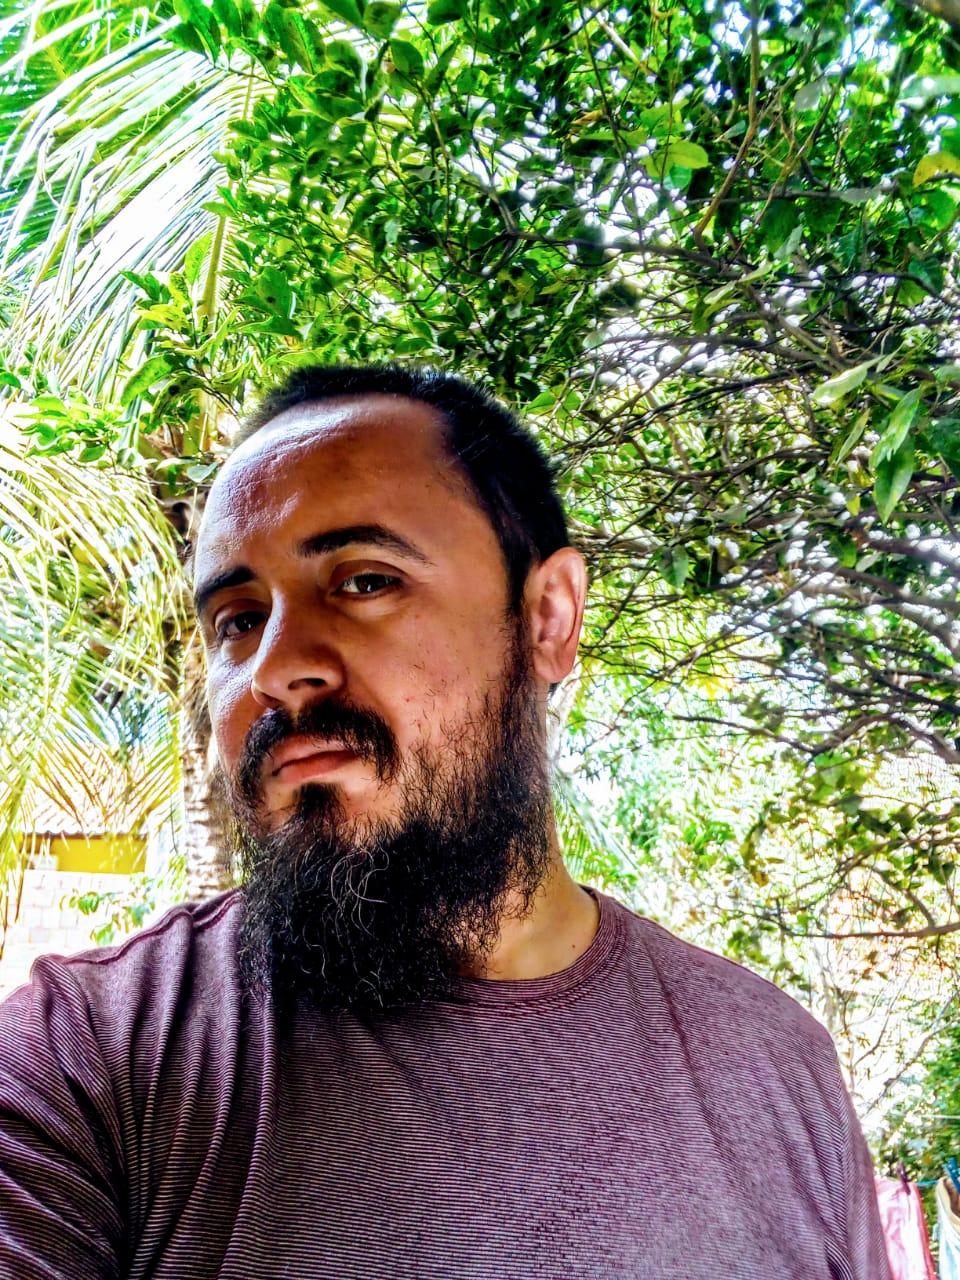 Abrahão Sampaio, filósofo e professor, é autor de um livro que aborda a obra Passagens de Walter Benjamin